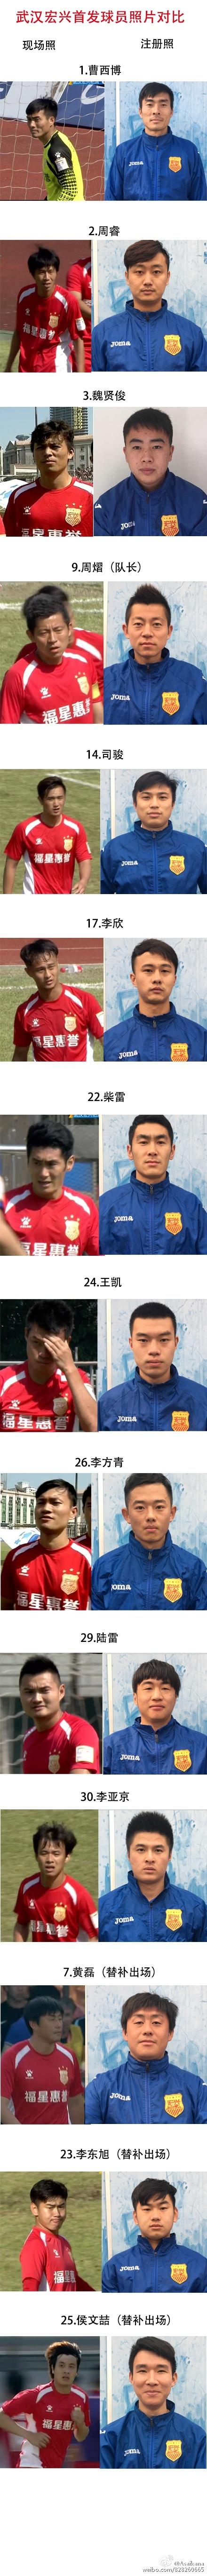 宏兴球员现场照片与注册照对比(来自微博:Asaikana)